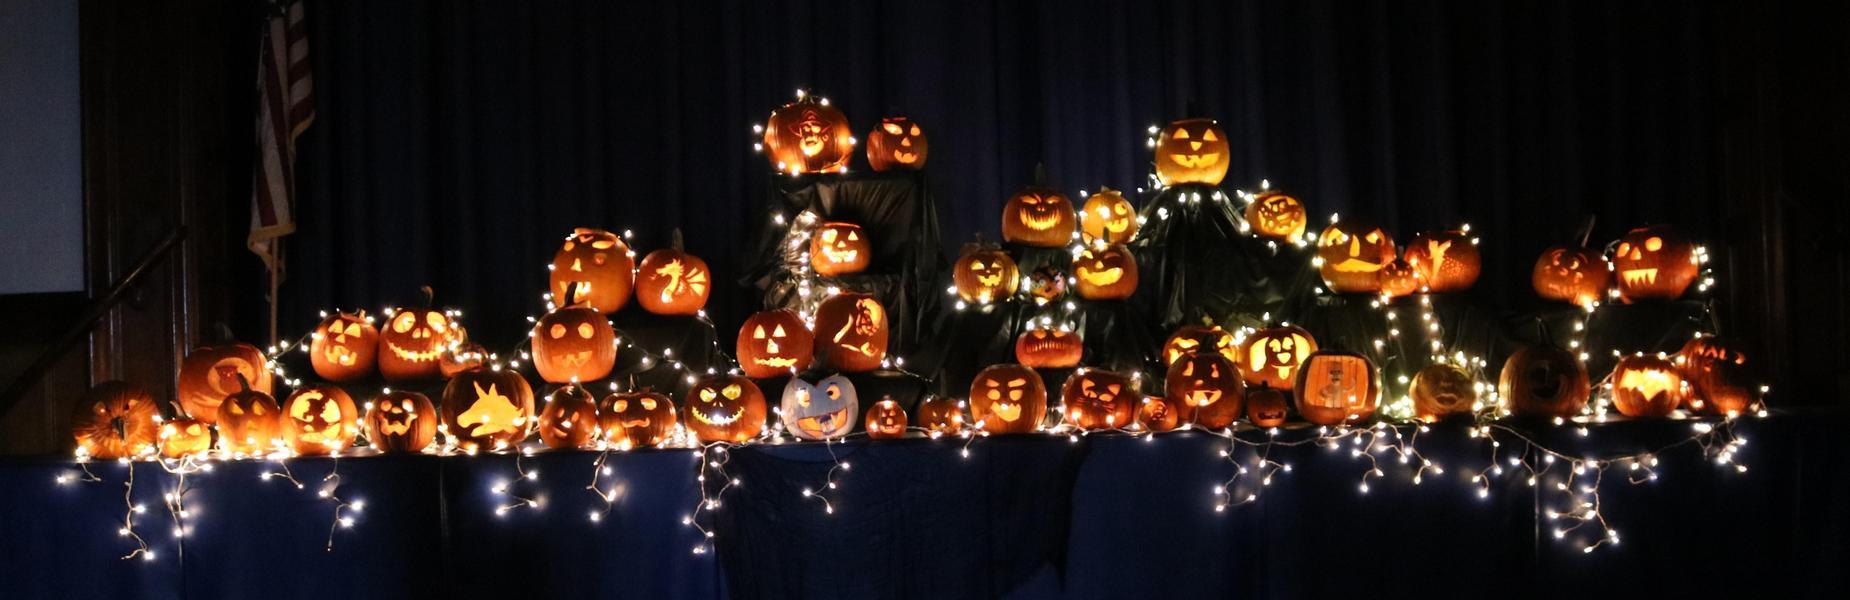 Carved pumpkins lit in the darkened gym at McKinley School on Halloween.